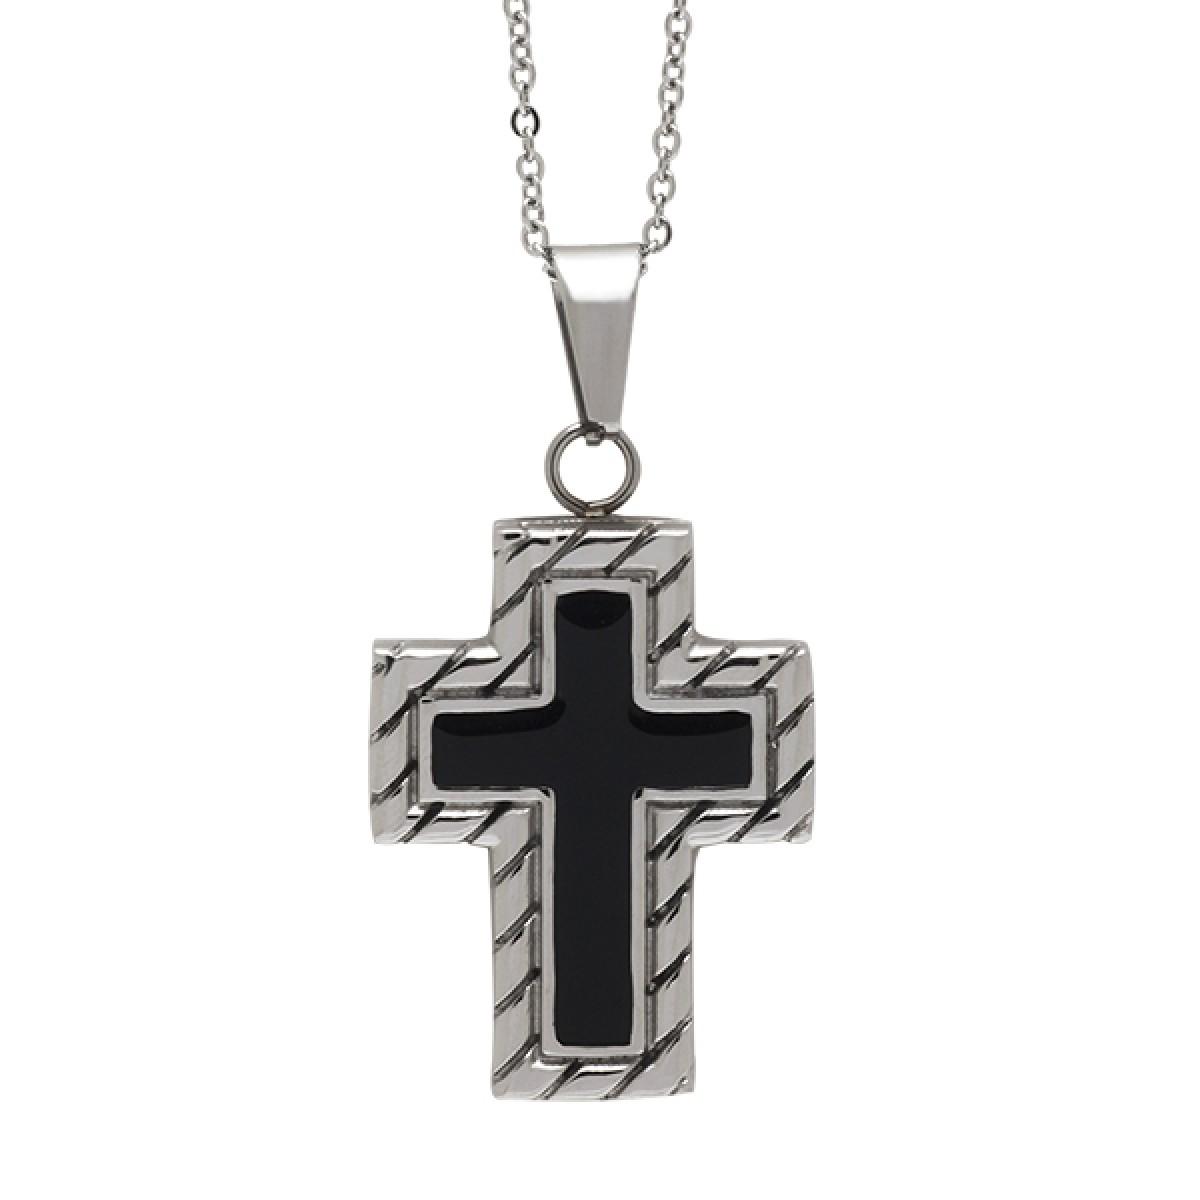 Ανδρικό Κολιέ με σταυρό - ΚΟΛΙΕ - 0330276701 35879309c18